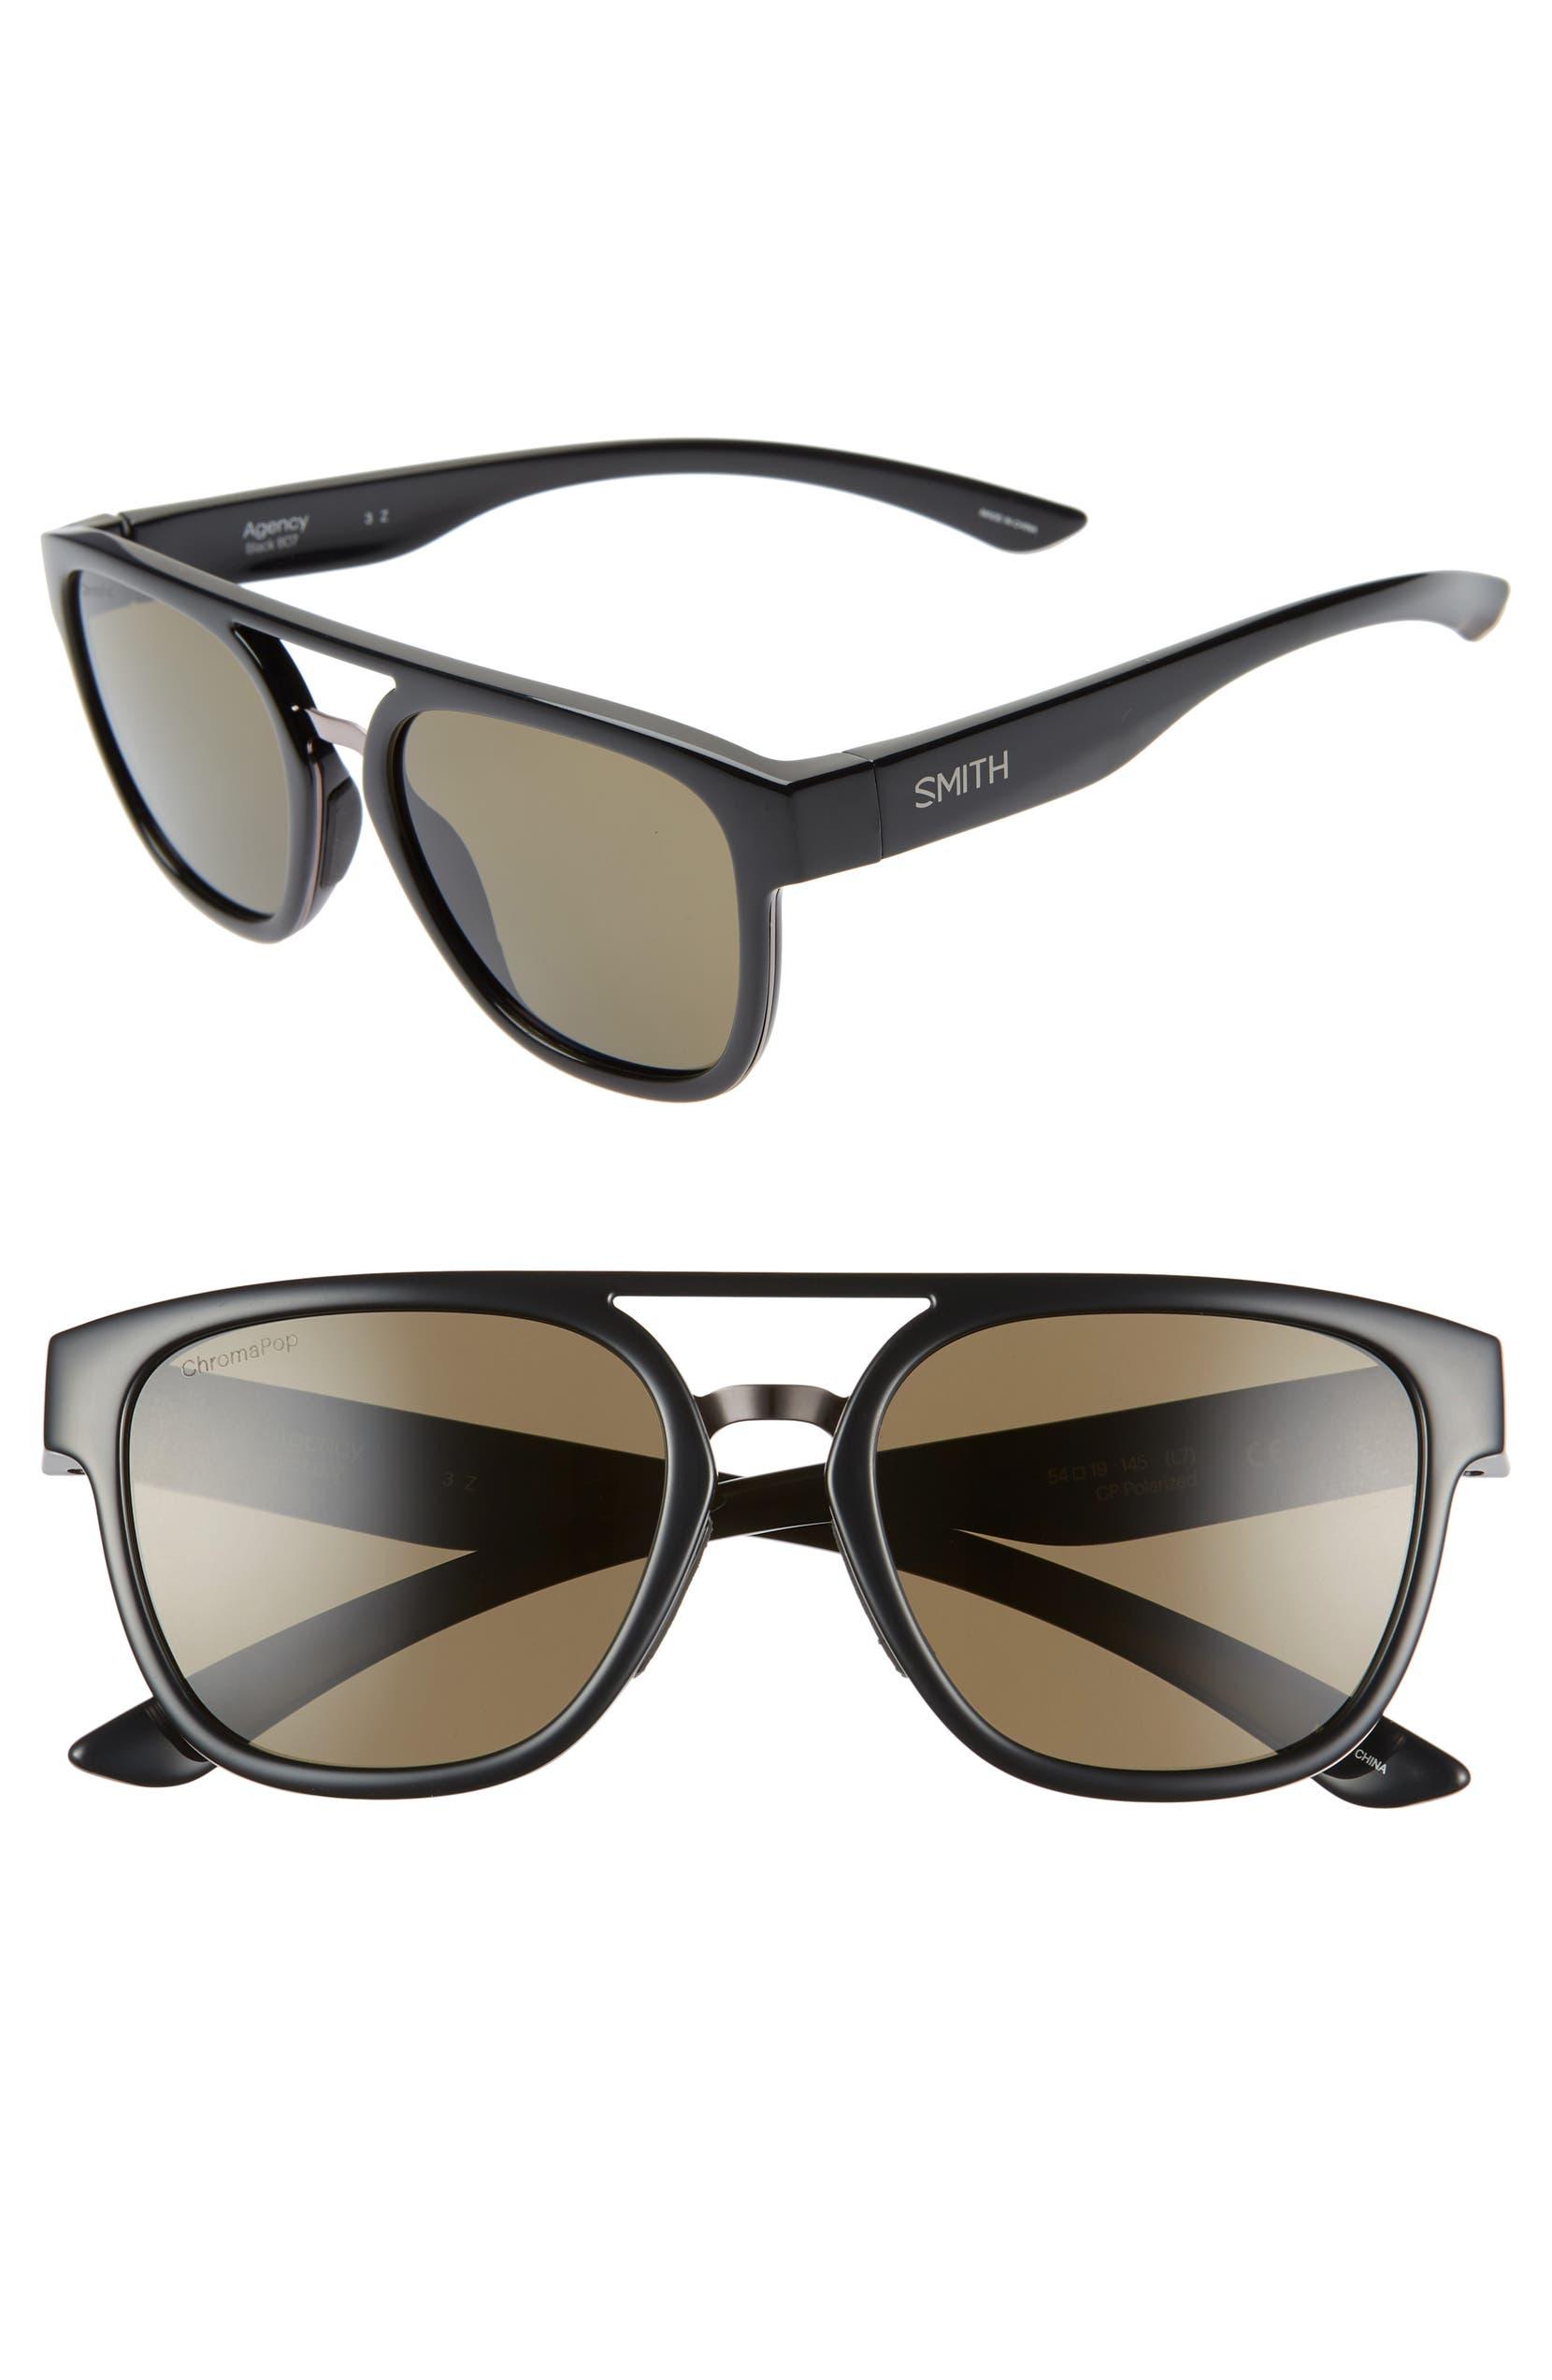 d25b1f3ce9760 Smith Agency 54mm ChromaPop™ Polarized Sunglasses